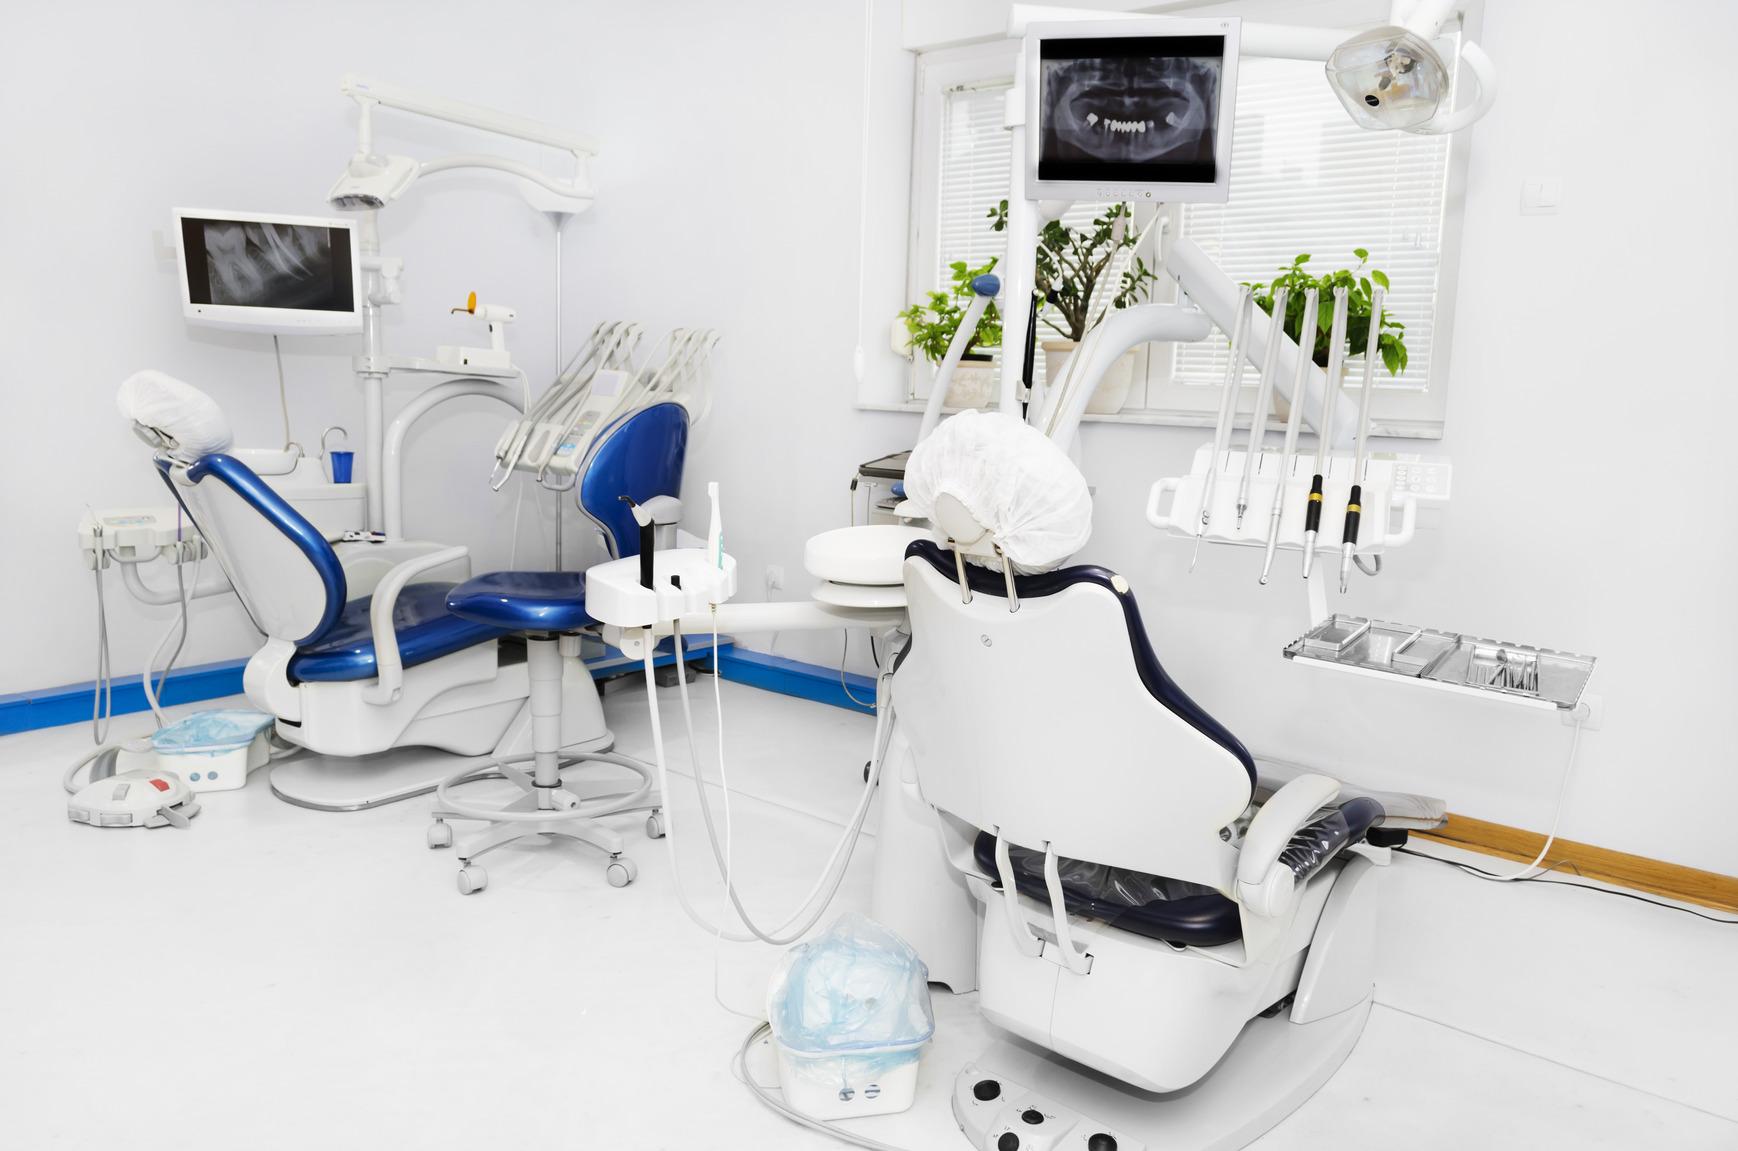 Dal dentista senza paura ma con tranquillità